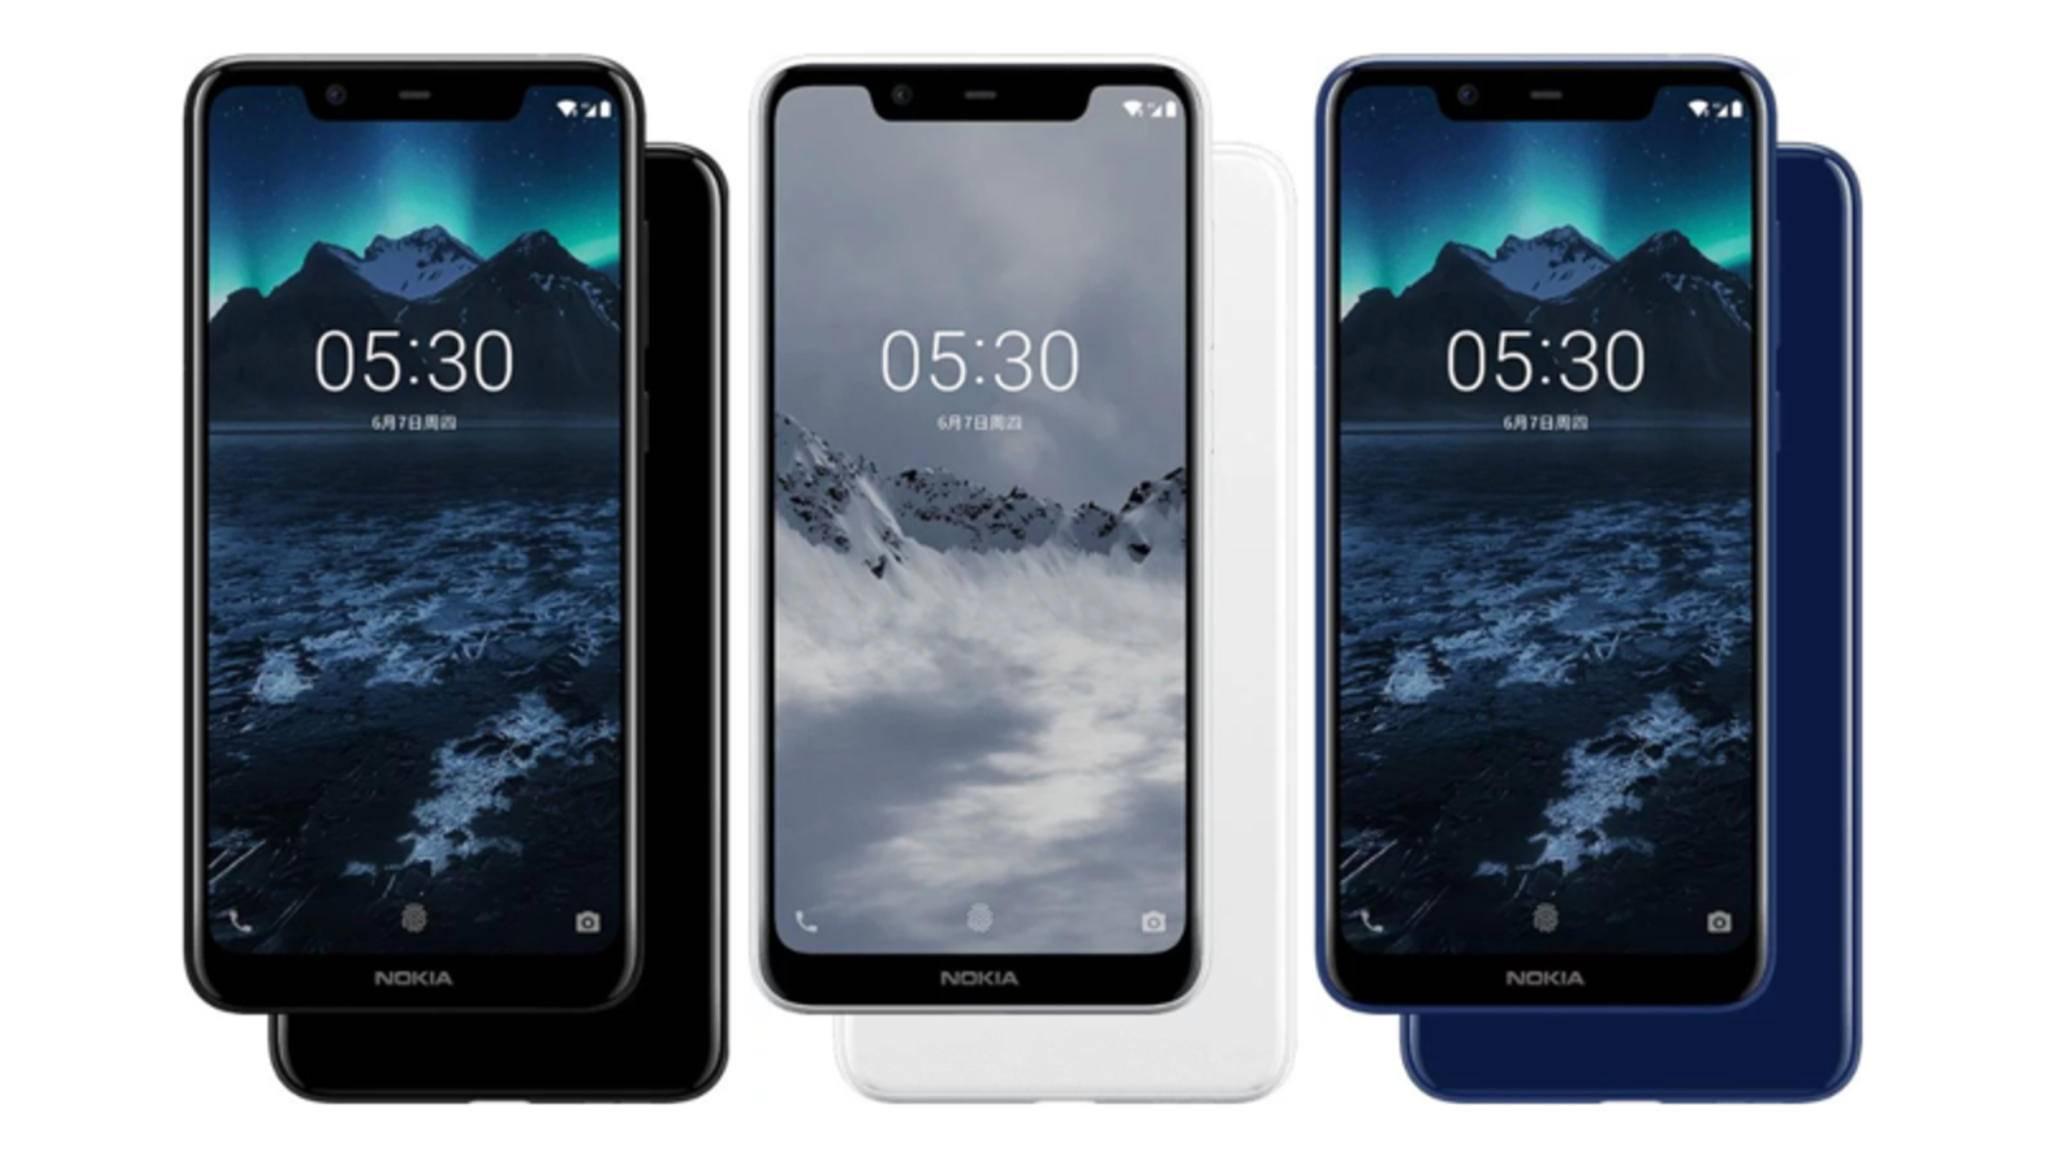 Das Nokia X5 – beziehungsweise Nokia 5.1. Plus – wurde jetzt vorgestellt.